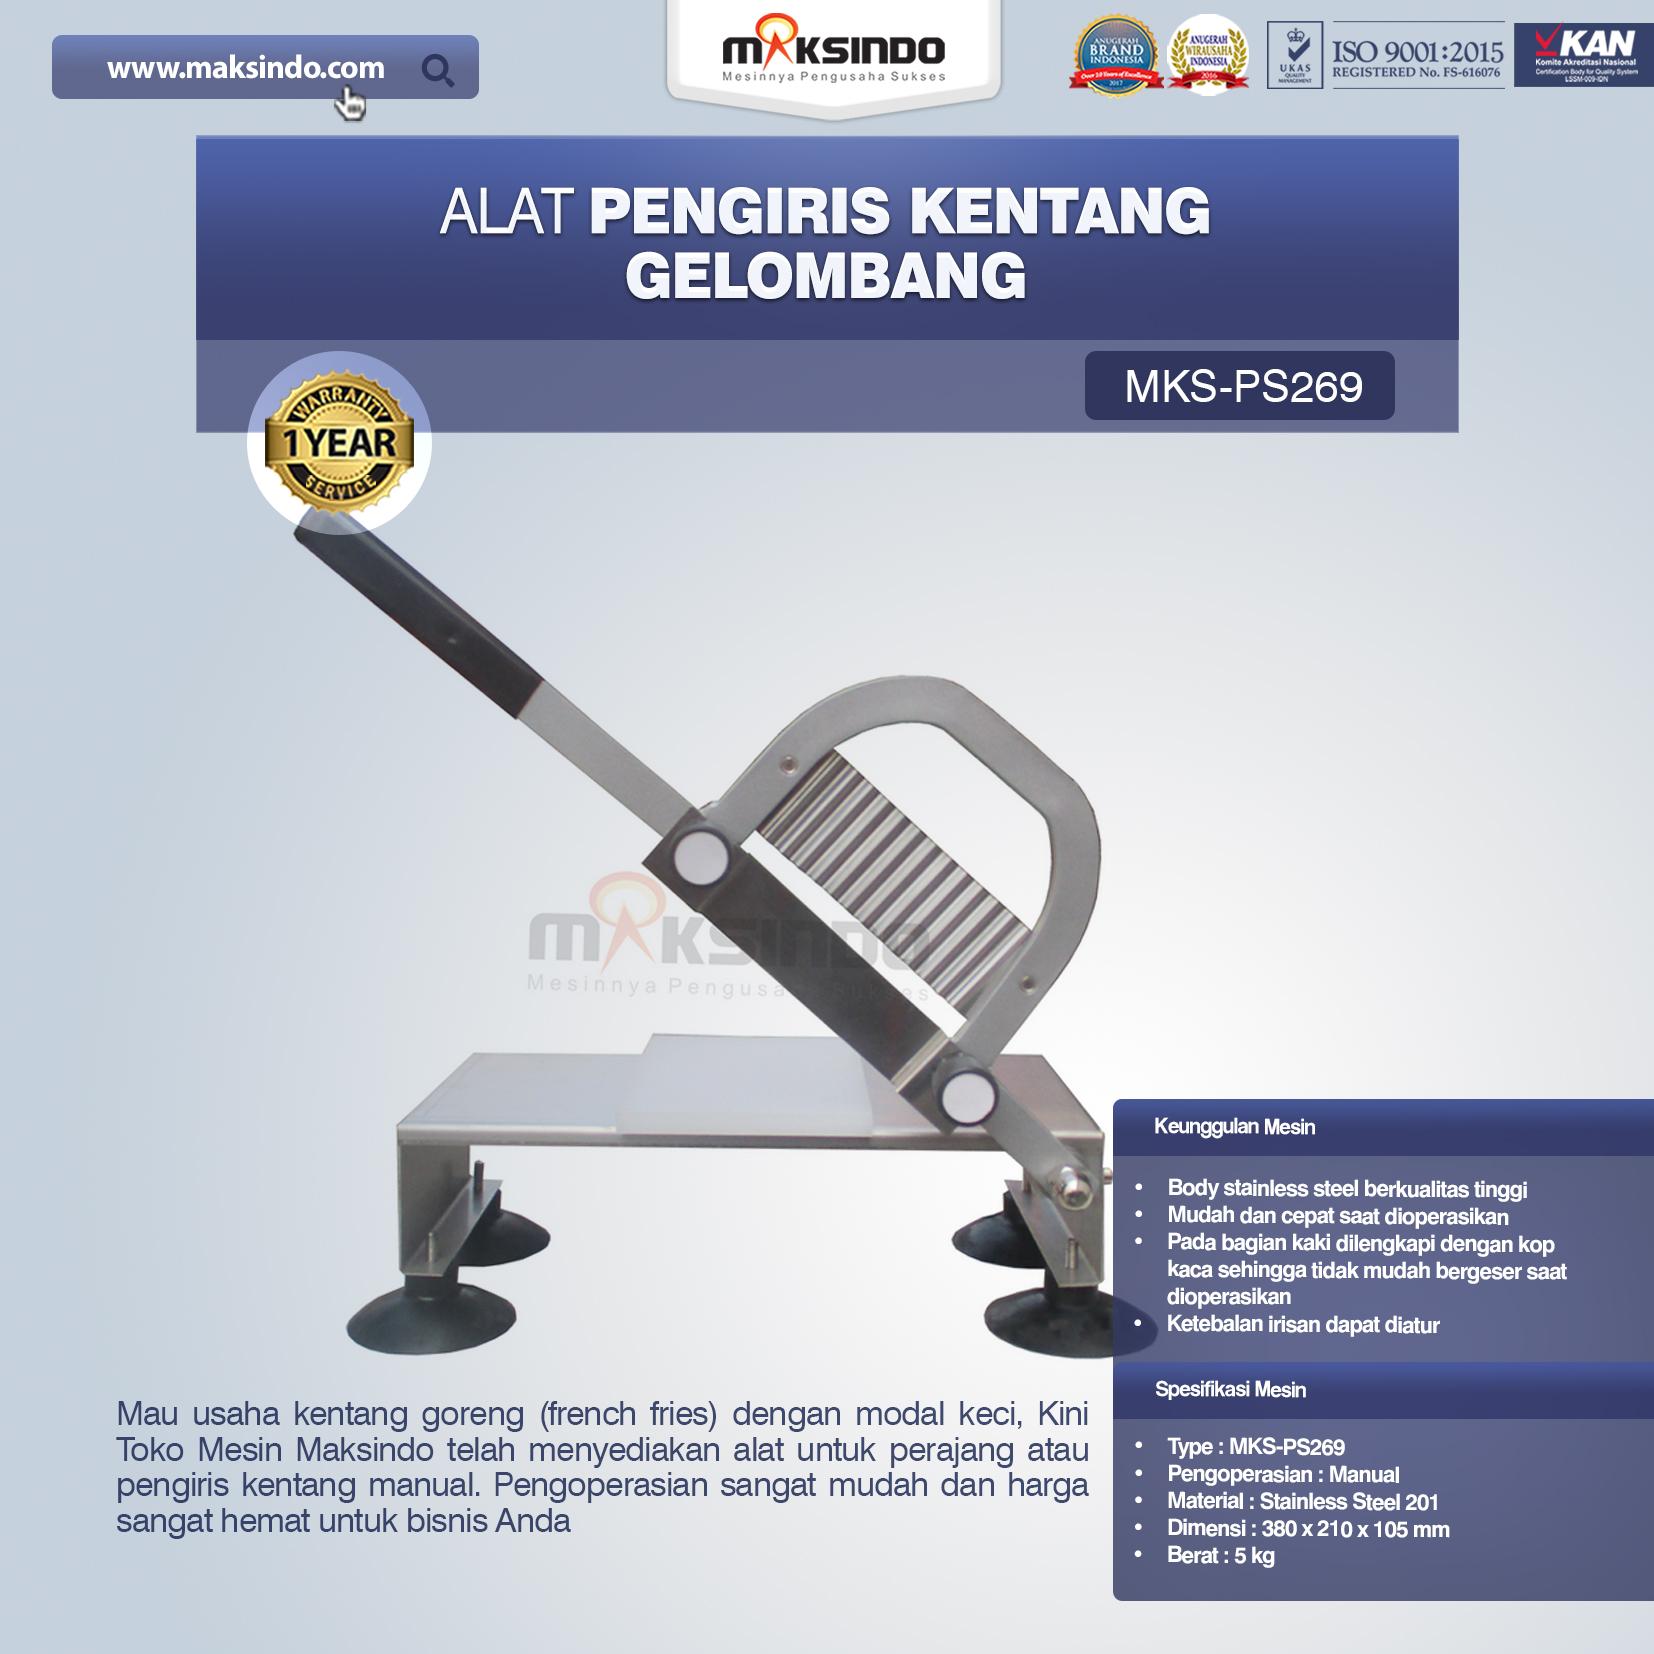 Jual Alat Pengiris Kentang Gelombang MKS-PS269 di Semarang